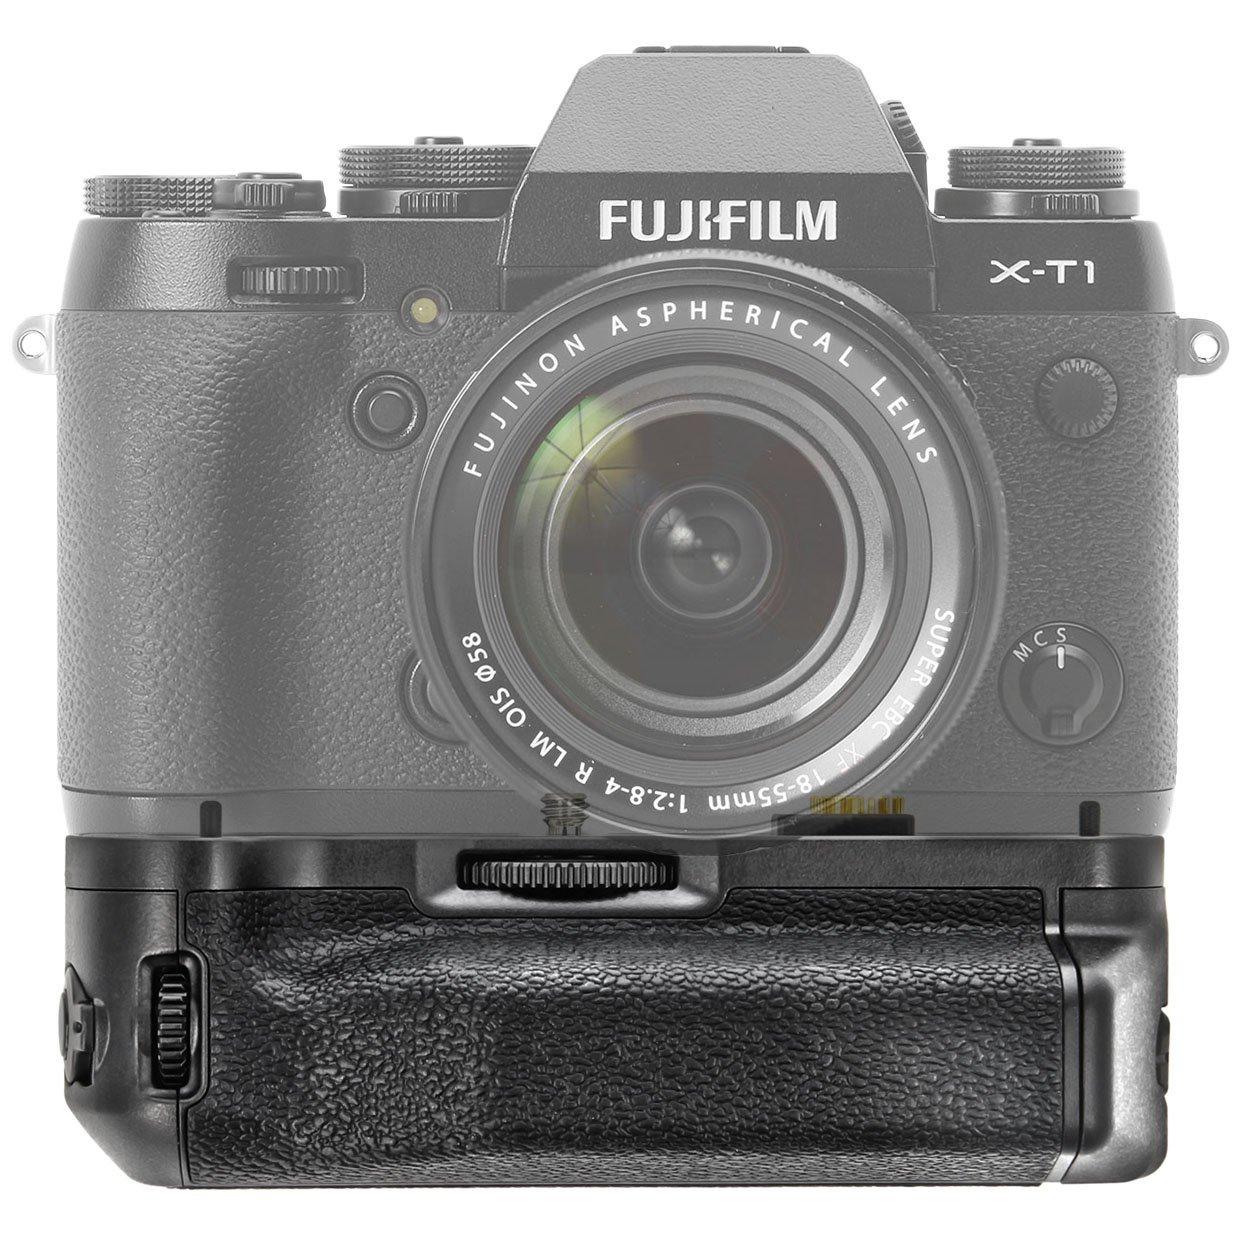 Meike MK XT de 1/empu/ñadura de bater/ía Empu/ñadura de bater/ía para Fujifilm X-T1/para m/ás tiempo de unidad de bater/ía y profesional Portraits